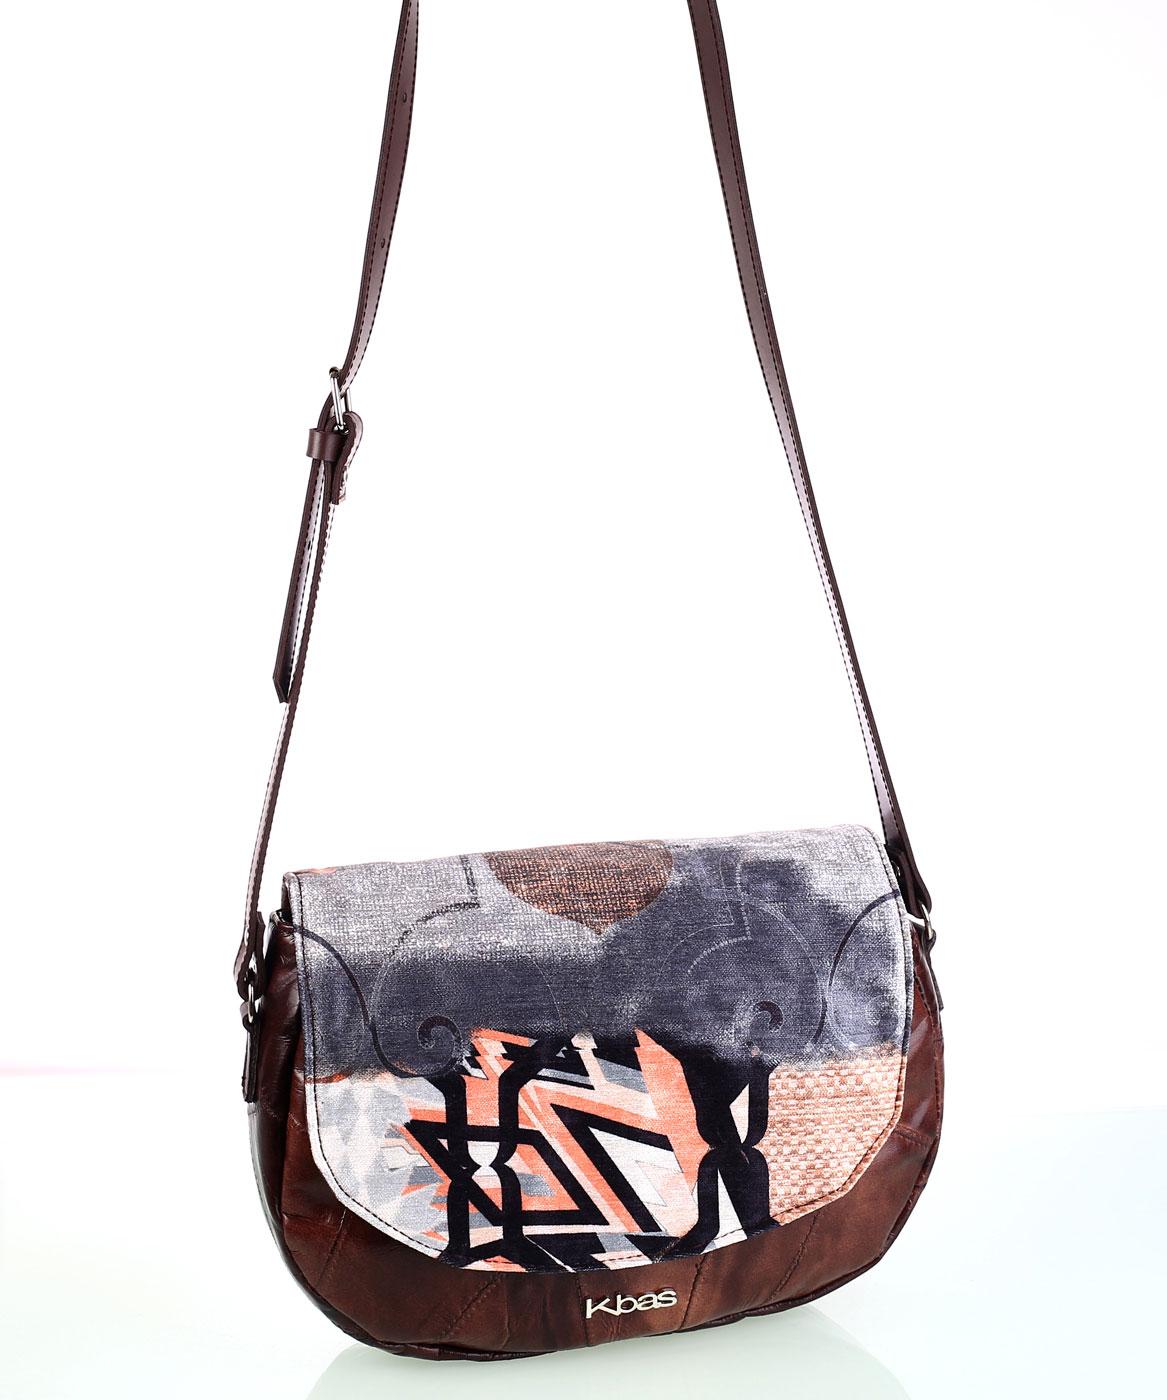 Dámska kabelka cez rameno z kože a plátna Kbas vzorovaná hnedá  ea6b40bc013